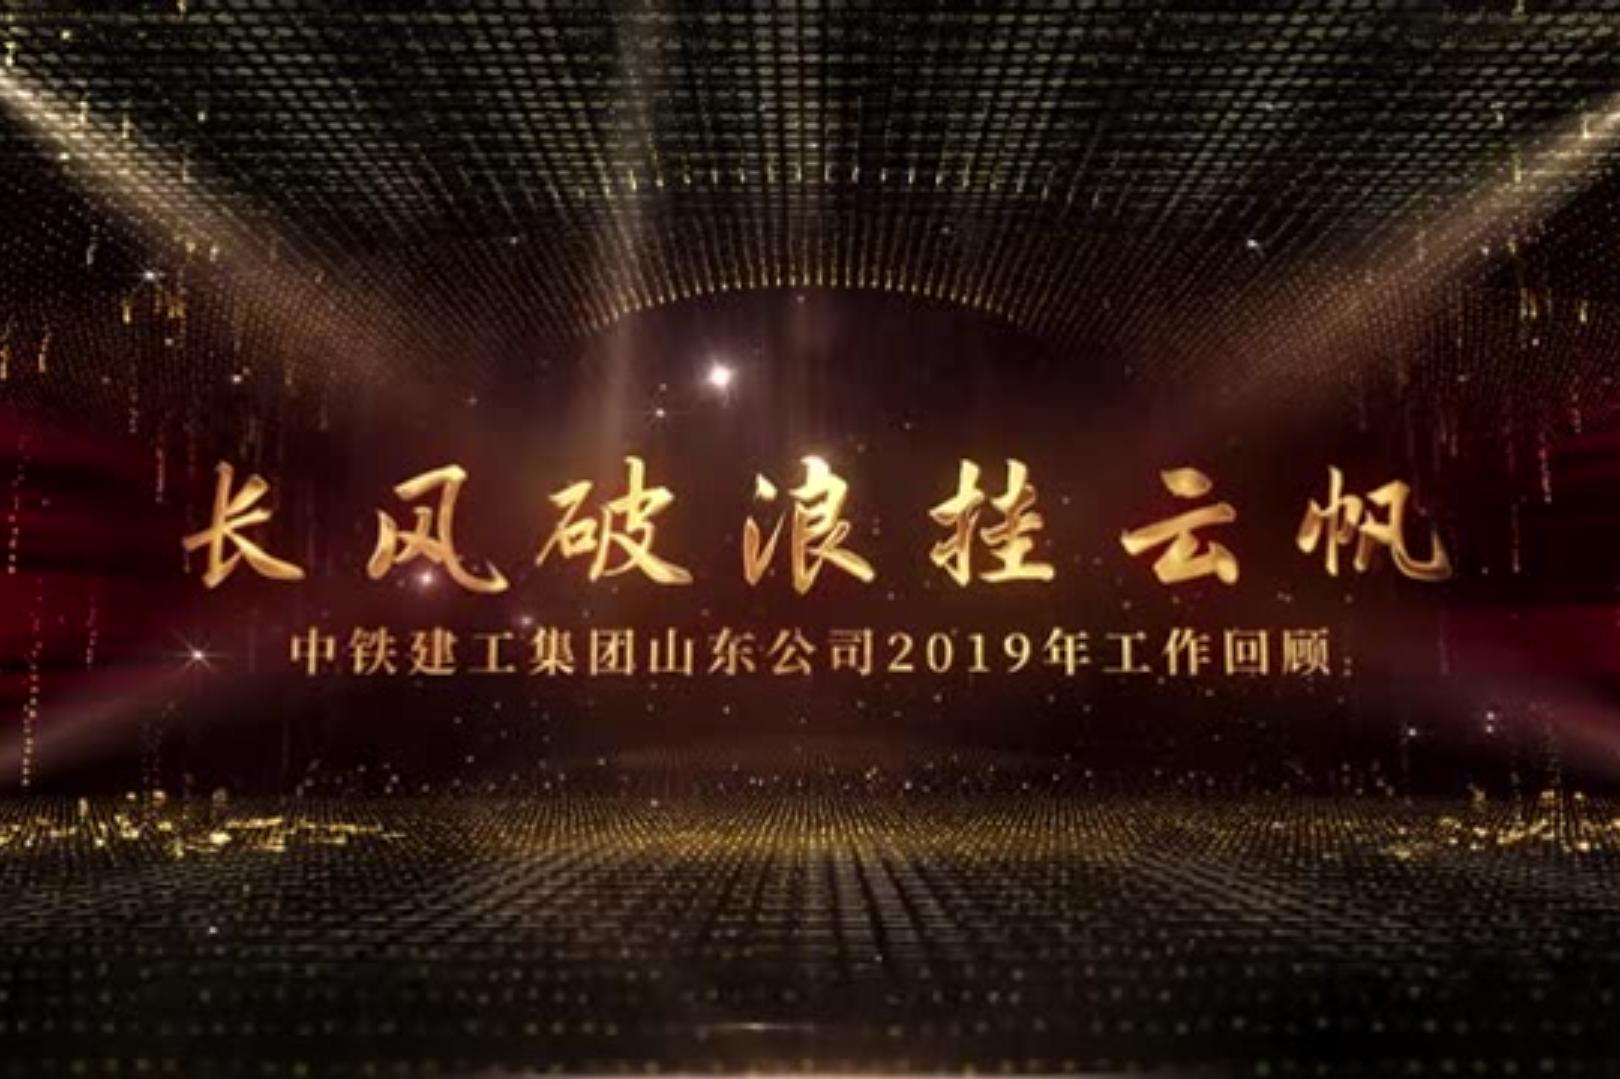 长风破浪会有时——山东公司2019年工作回顾视频